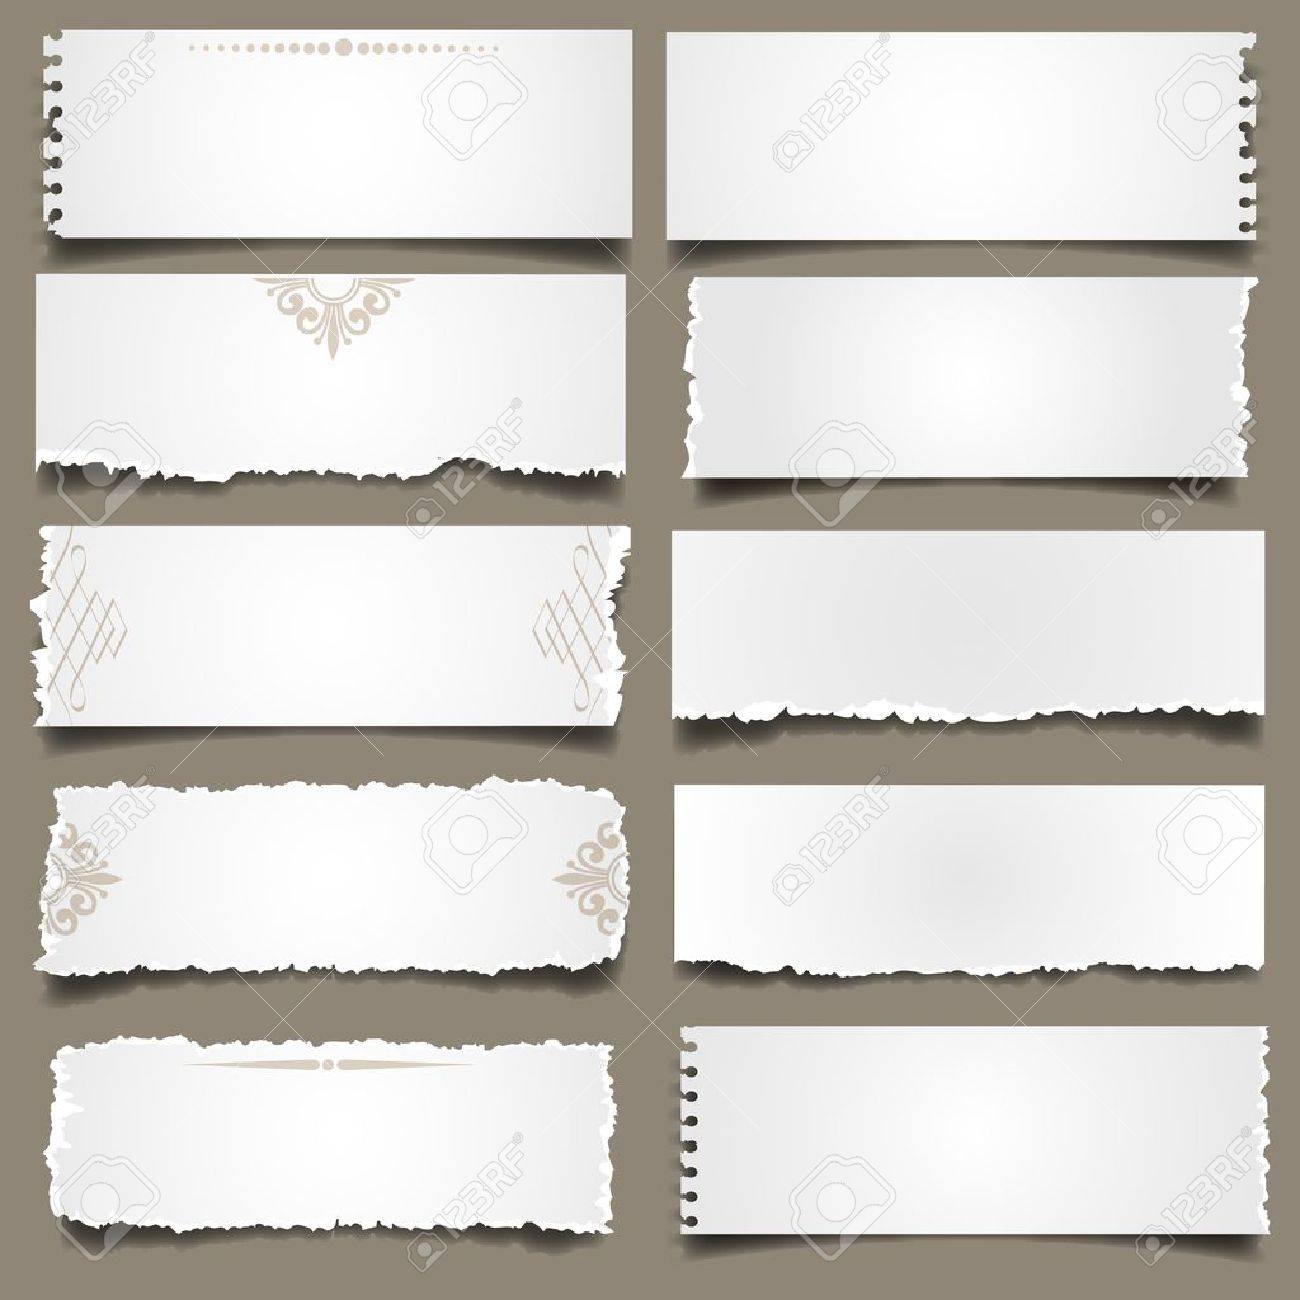 Ten notes paper .Vector eps 10 Stock Vector - 13436110